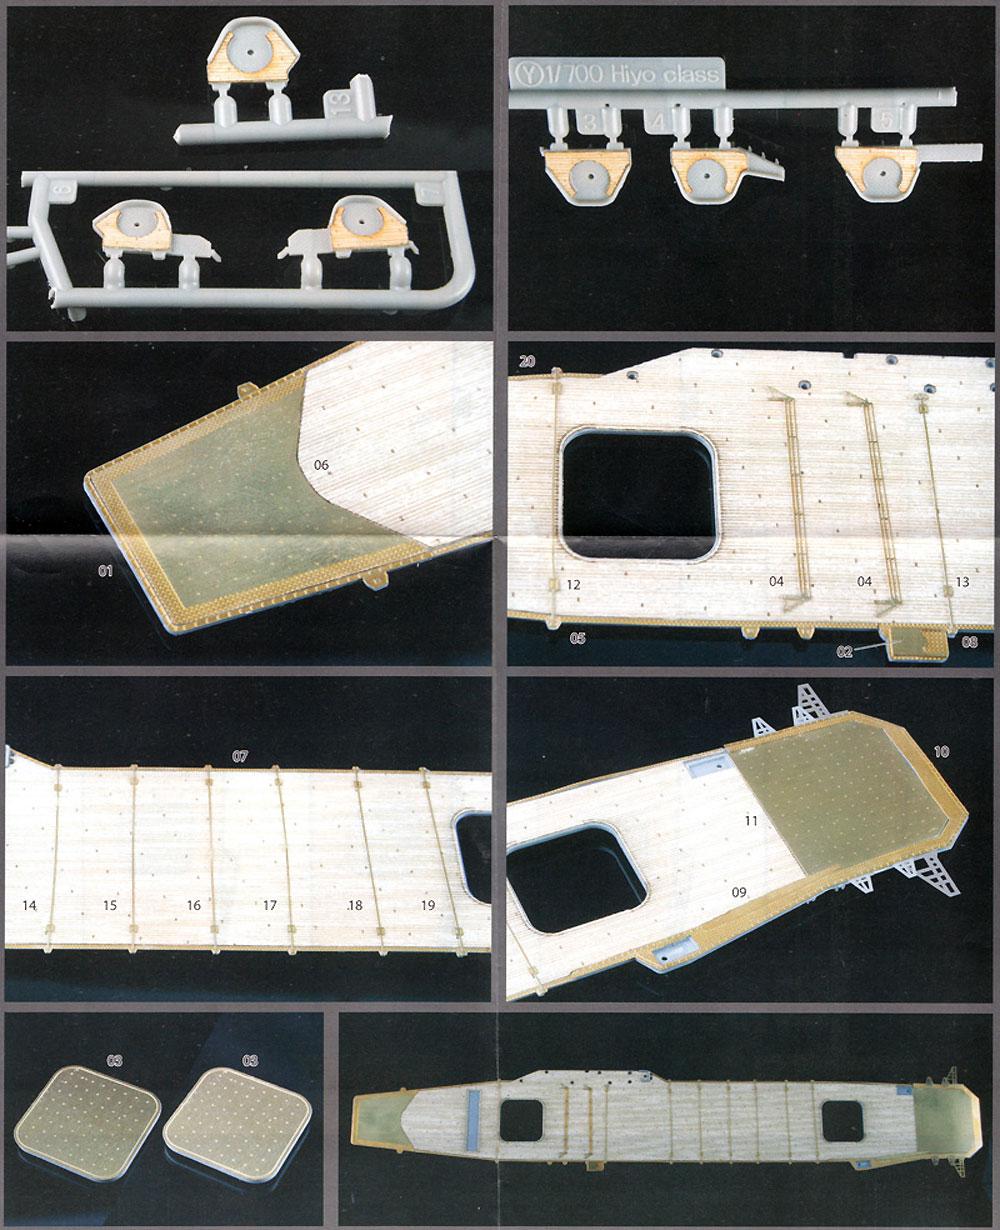 日本海軍 航空母艦 飛鷹 木甲板シール & 2ピース 25ミリ機銃甲板シート(フジミ艦船模型用グレードアップパーツNo.特91EX-003)商品画像_3